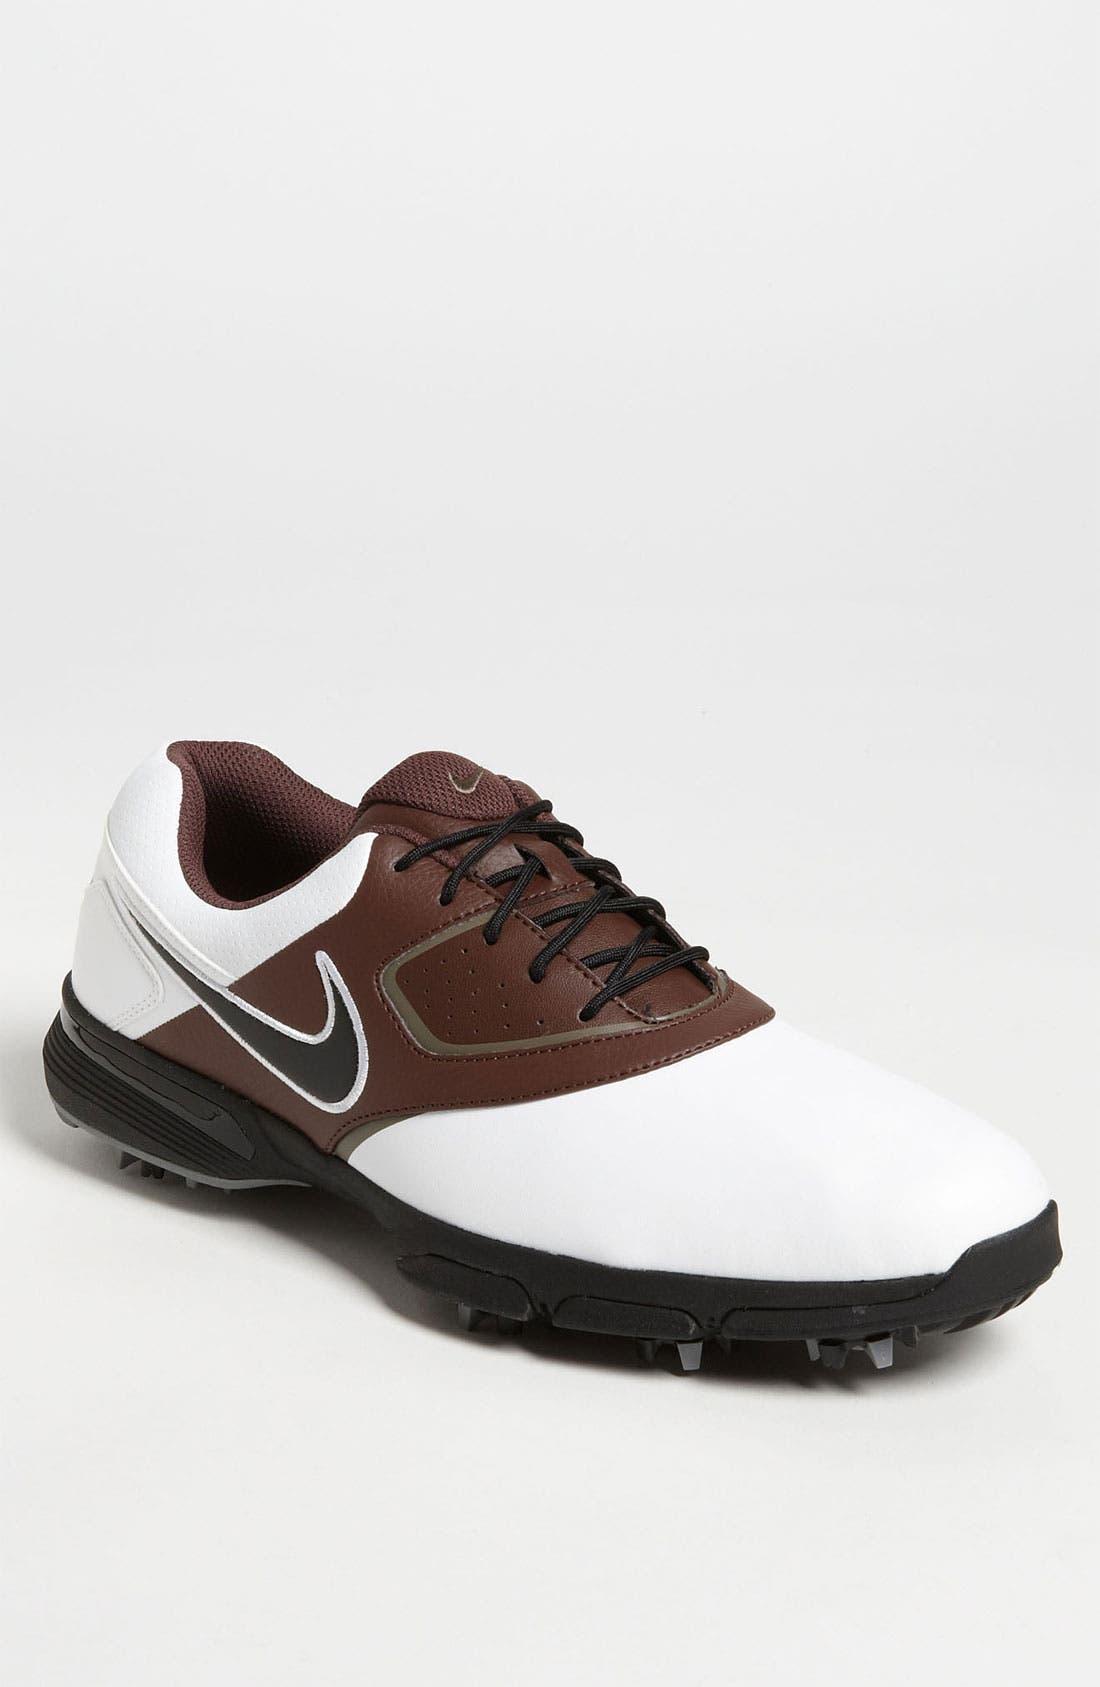 Main Image - Nike 'Heritage' Golf Shoe (Men)